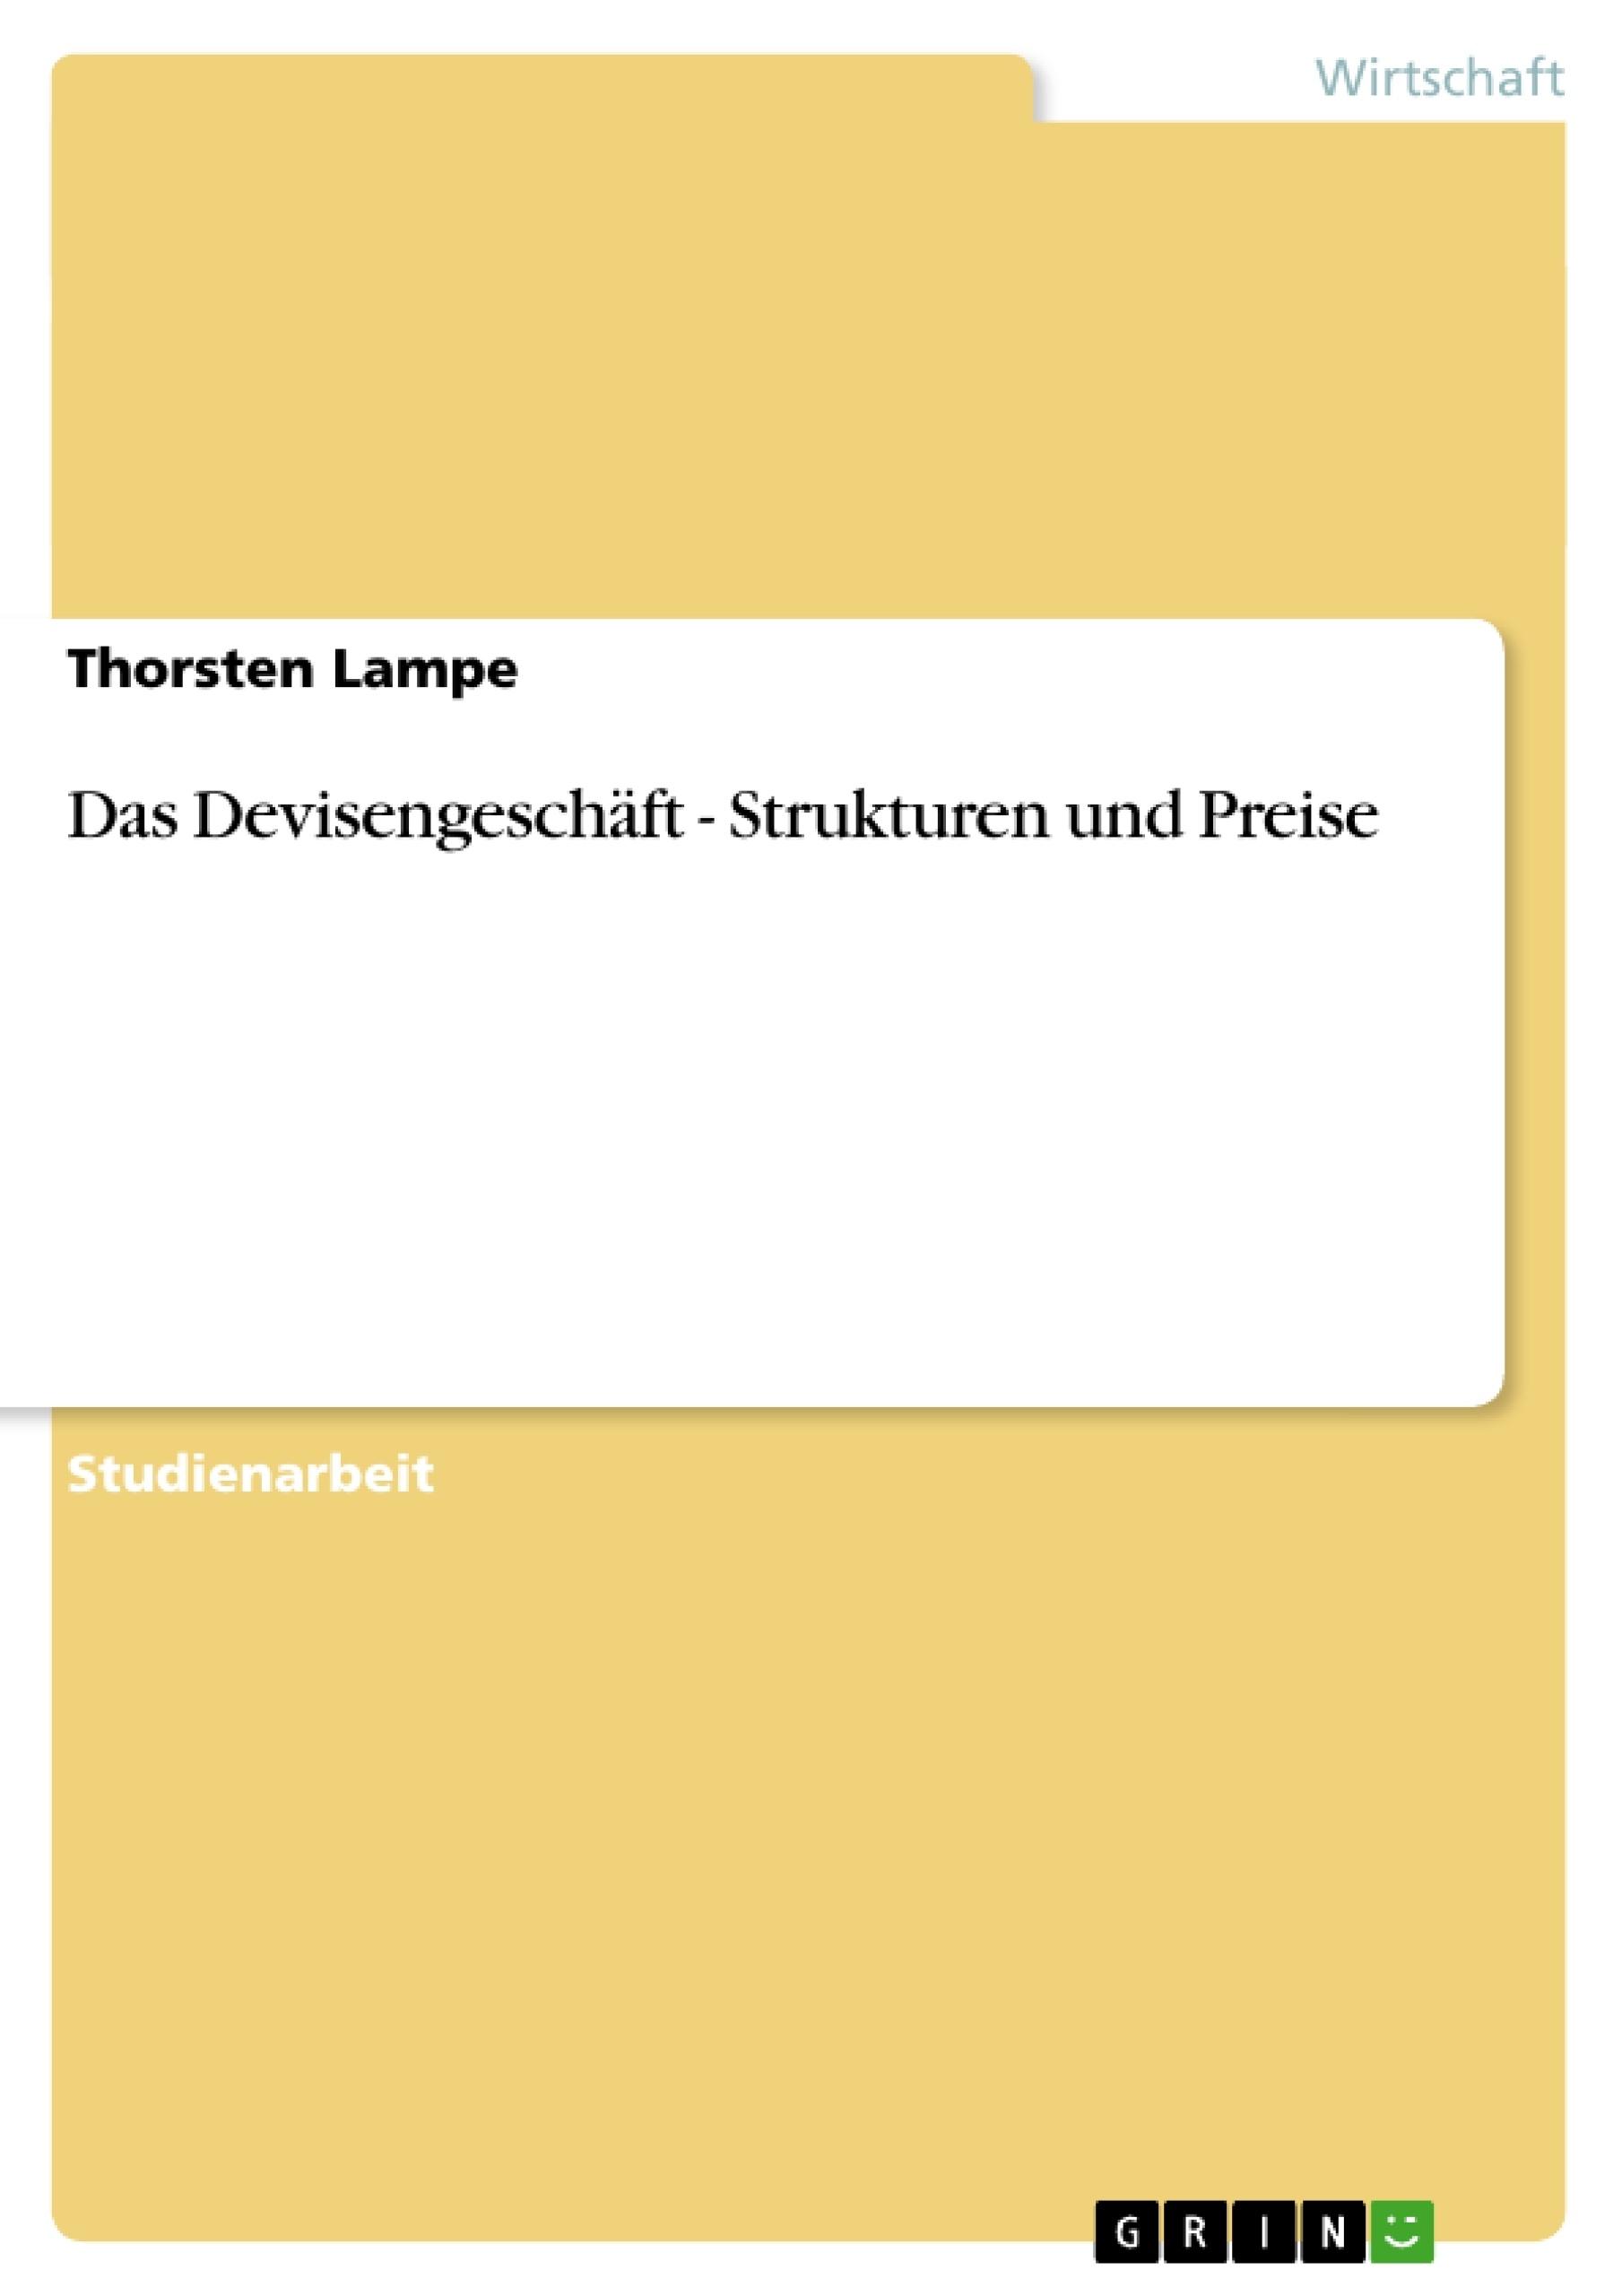 Titel: Das Devisengeschäft - Strukturen und Preise